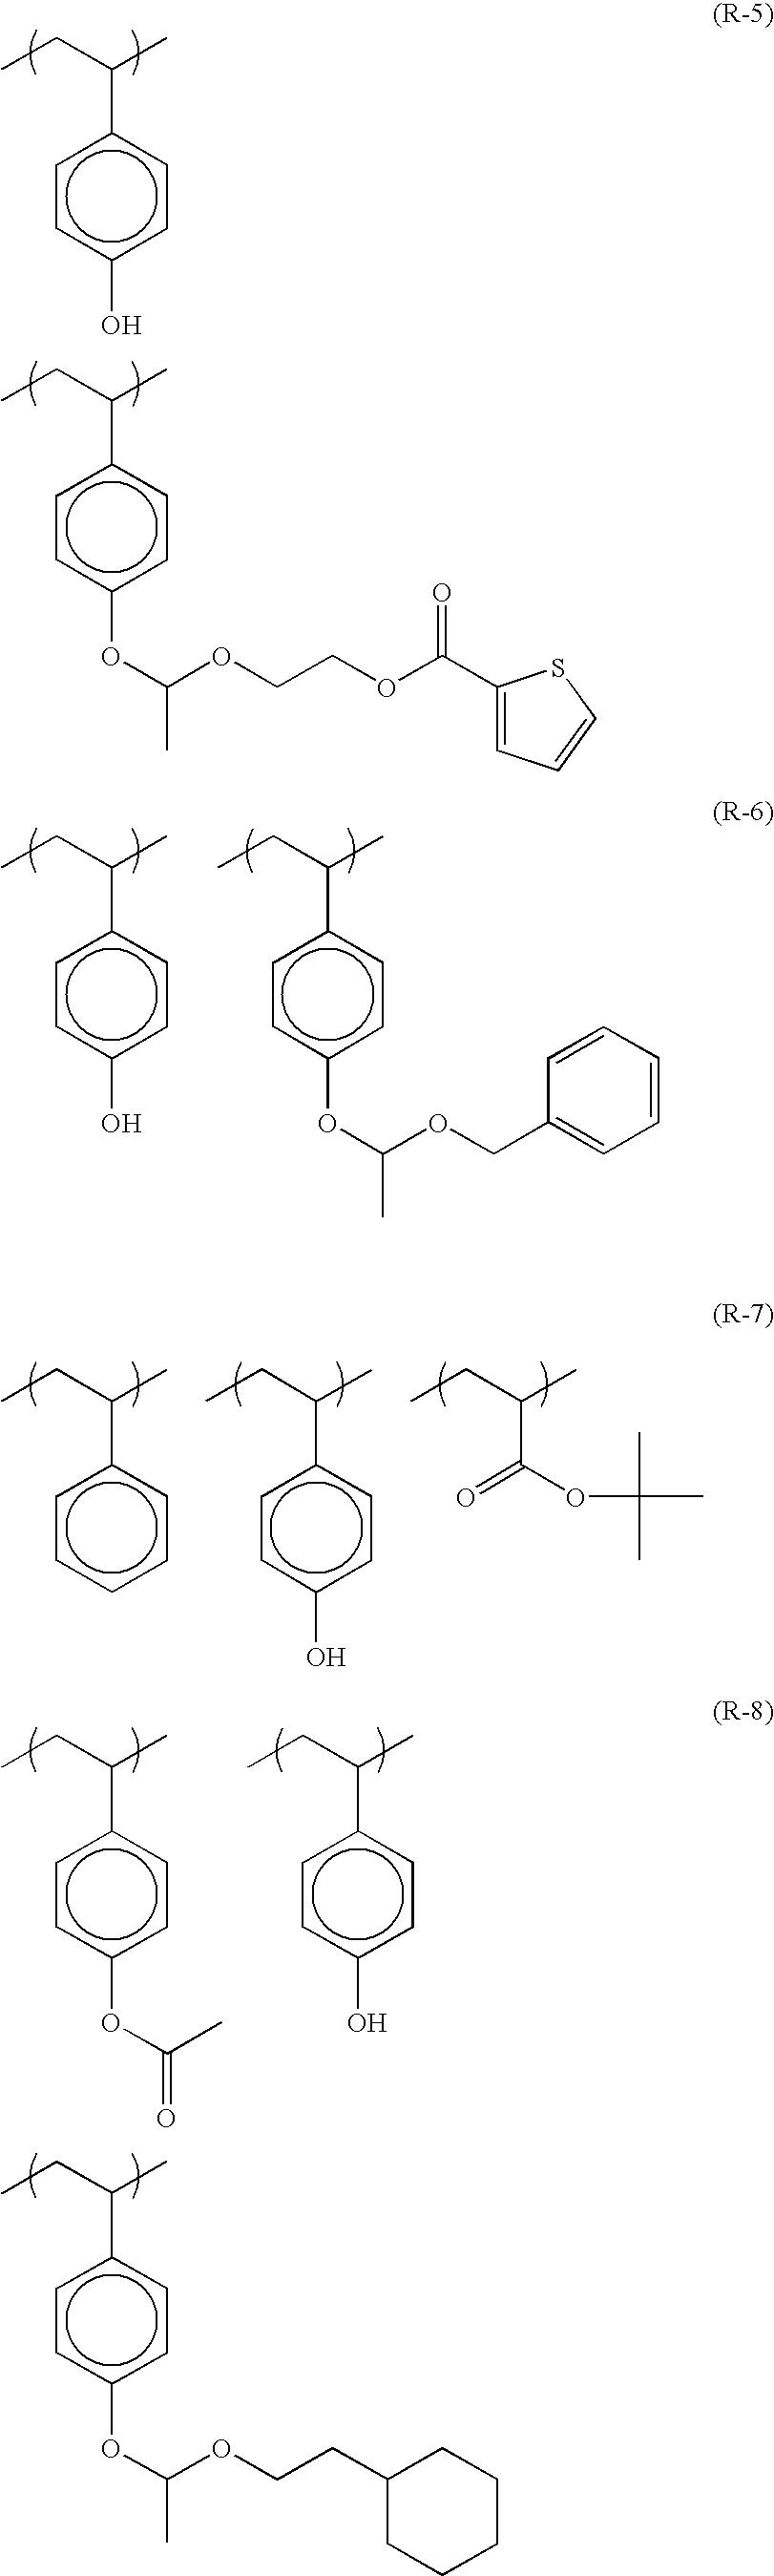 Figure US08530148-20130910-C00044